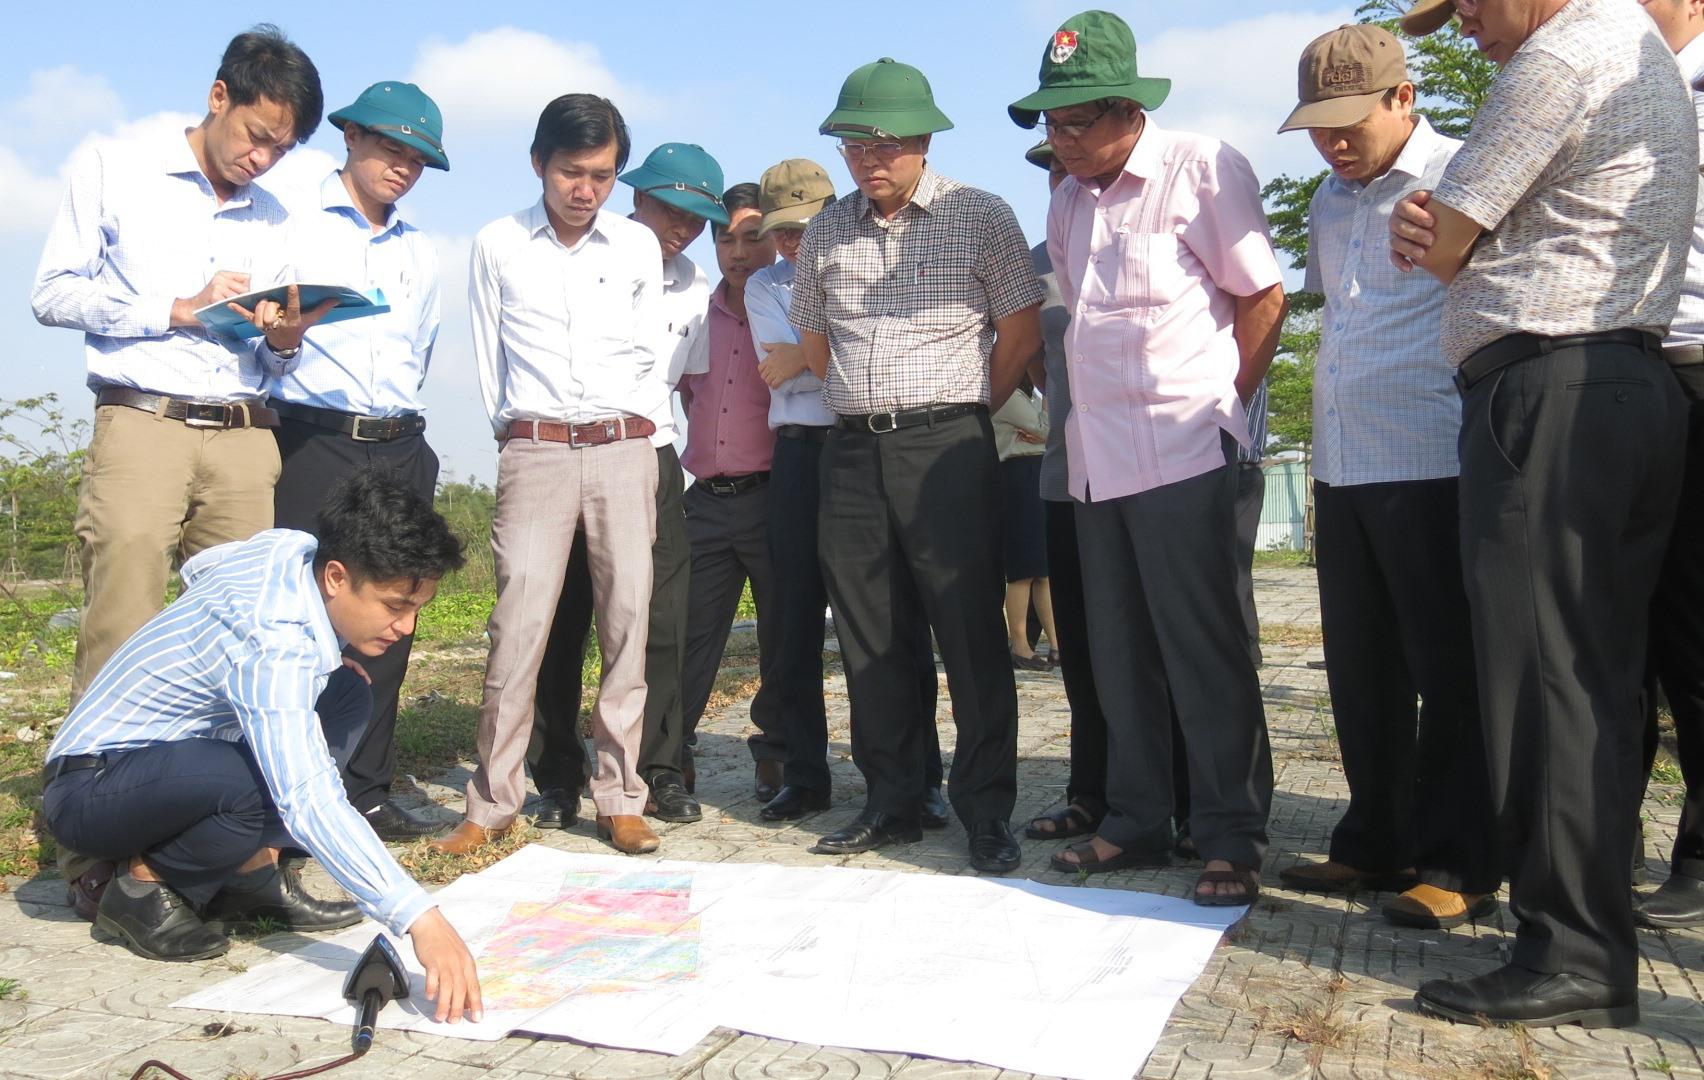 Chủ tịch UBND tỉnh Lê Trí Thanh và đoàn công tác của tỉnh kiểm tra, giám sát dự án đầu tư trên địa bàn. Ảnh: T.D